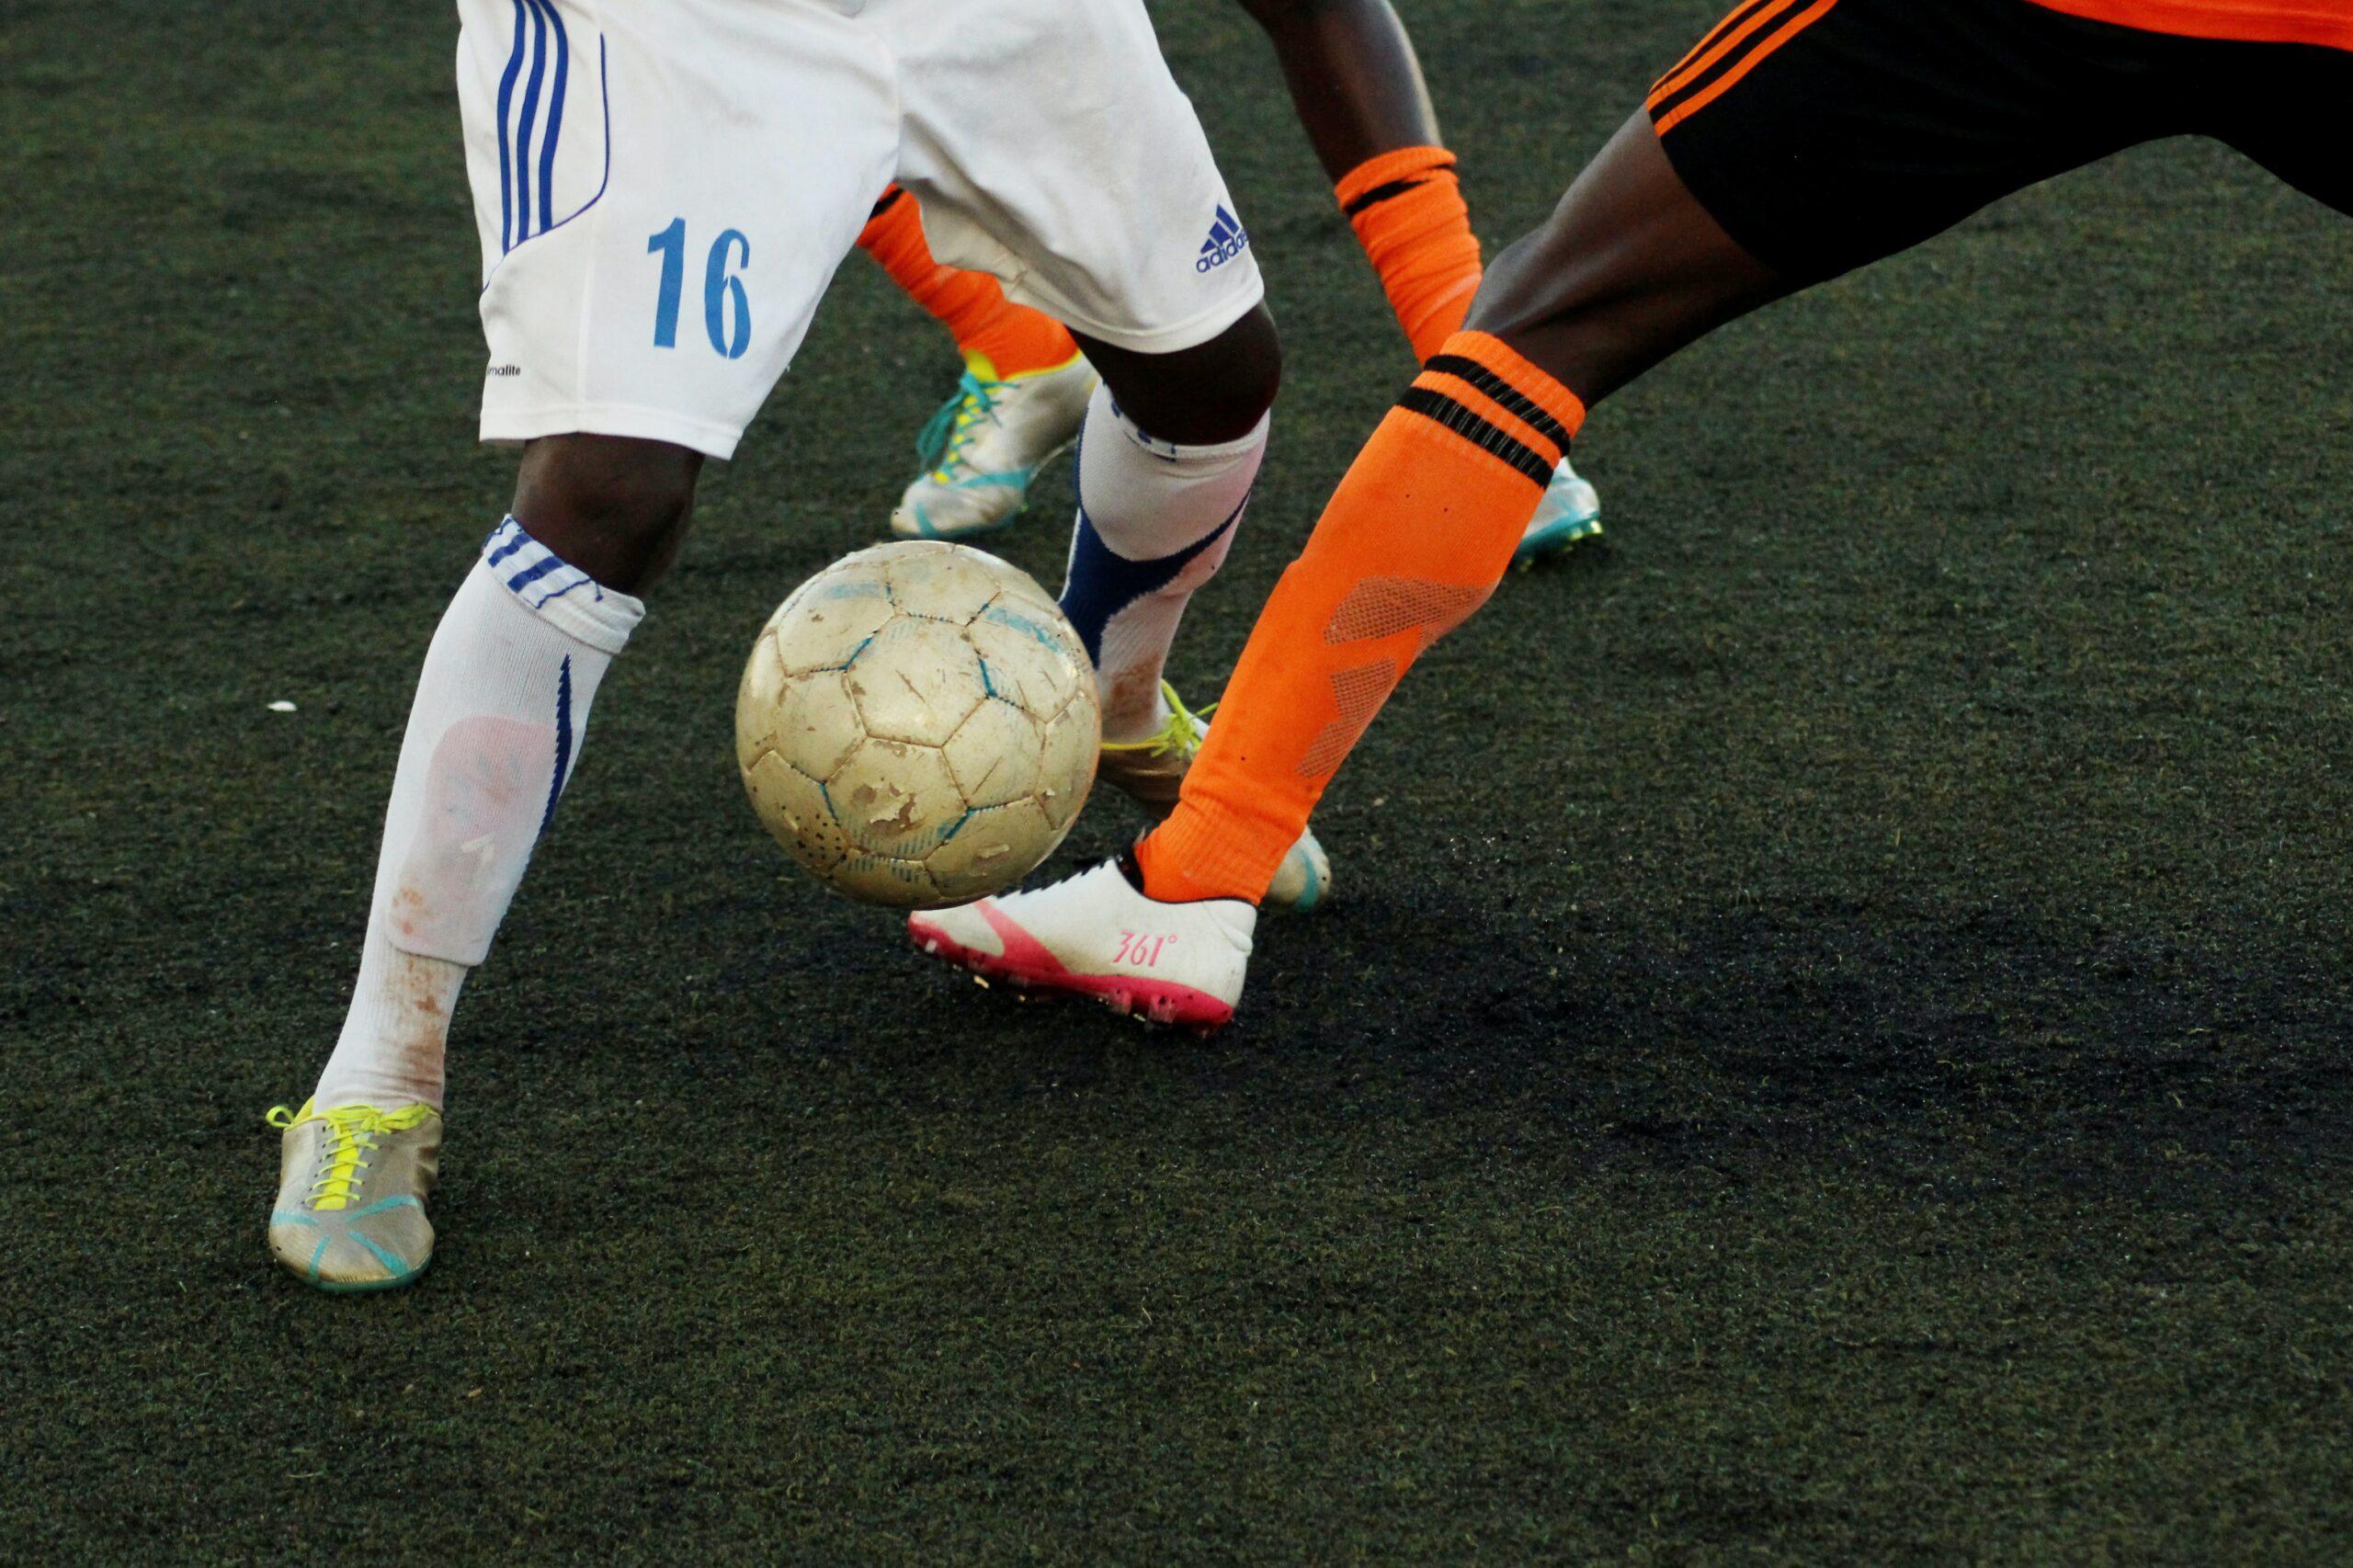 L'altra faccia del calcio: la tratta dei calciatori africani